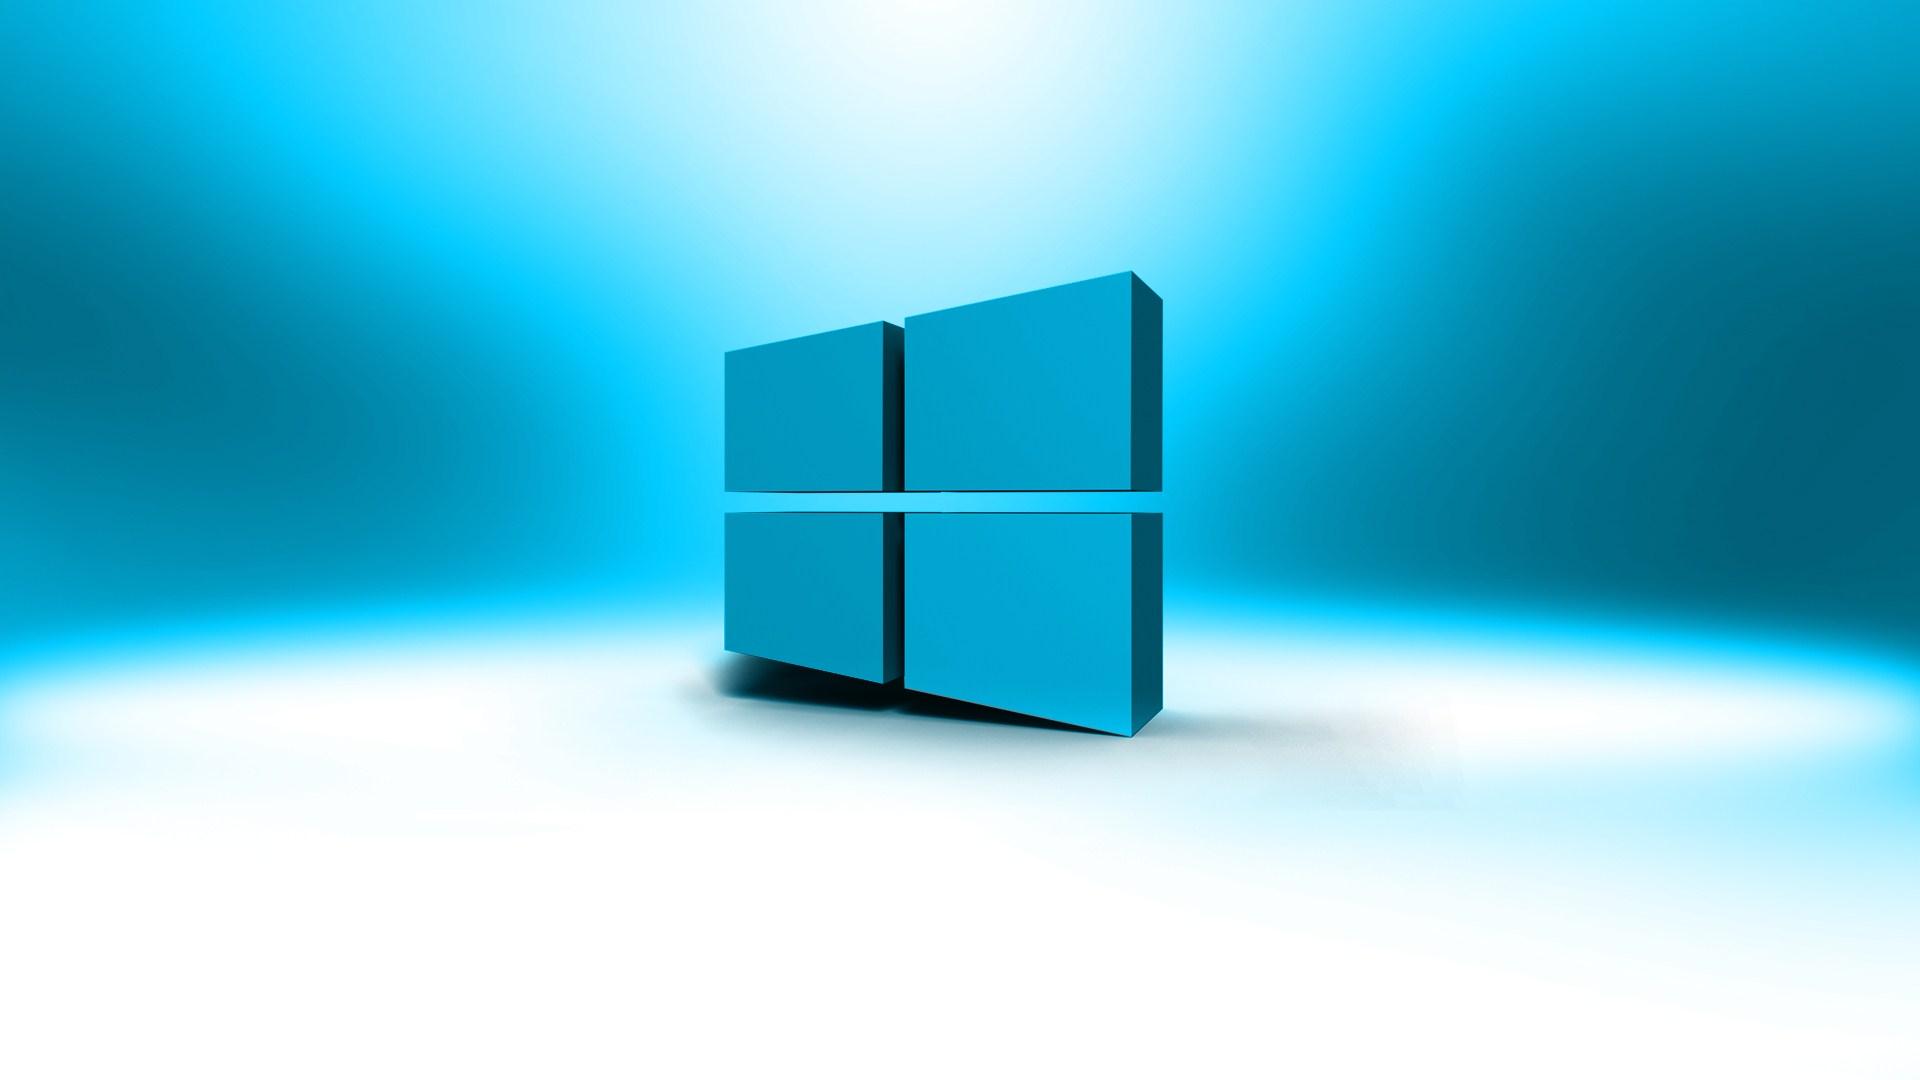 tải hình nền máy tính win 8